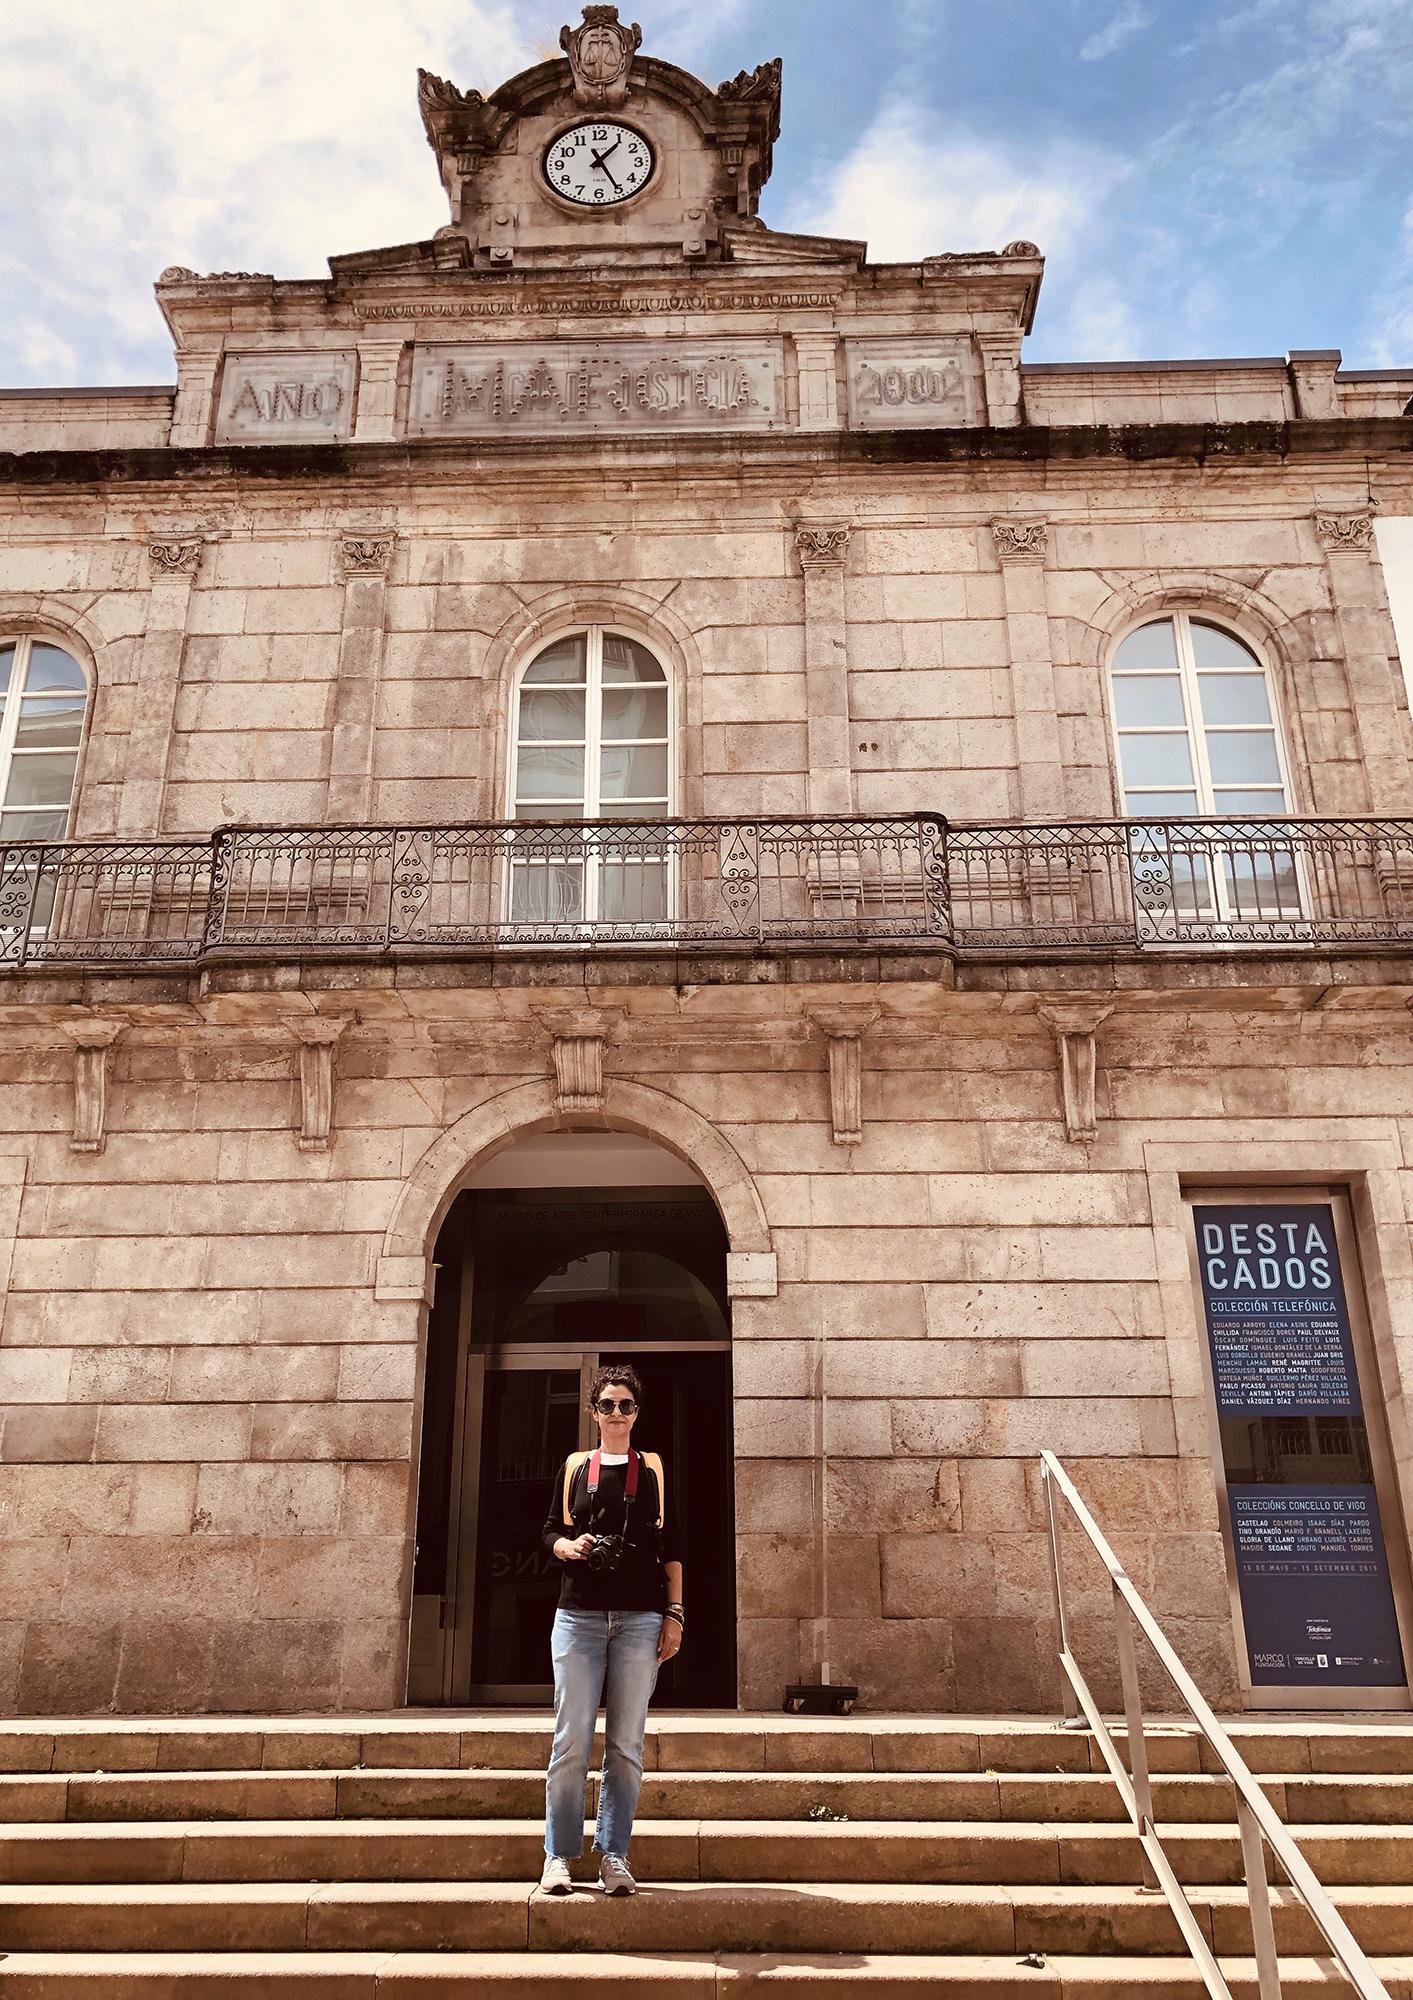 """Cinda Miranda  estuvo en MARCO - Museo de Arte Contemporáneo de Vigo, en Galicia, España, fotografiando la exposición """"Destacados. Colección Telefónica"""", en la que el arte gallego se codea con Picasso y Magritte. El edificio que alberga a este museo data del siglo XIX y ha tenido varios usos a lo largo de su historia, pues en una época fue la cárcel de la ciudad, luego fugió como sede del Palacio de Justicia, y también fue albergue para funcionarios; y a partir del 2002 la ciudad vigués lo declaró museo."""